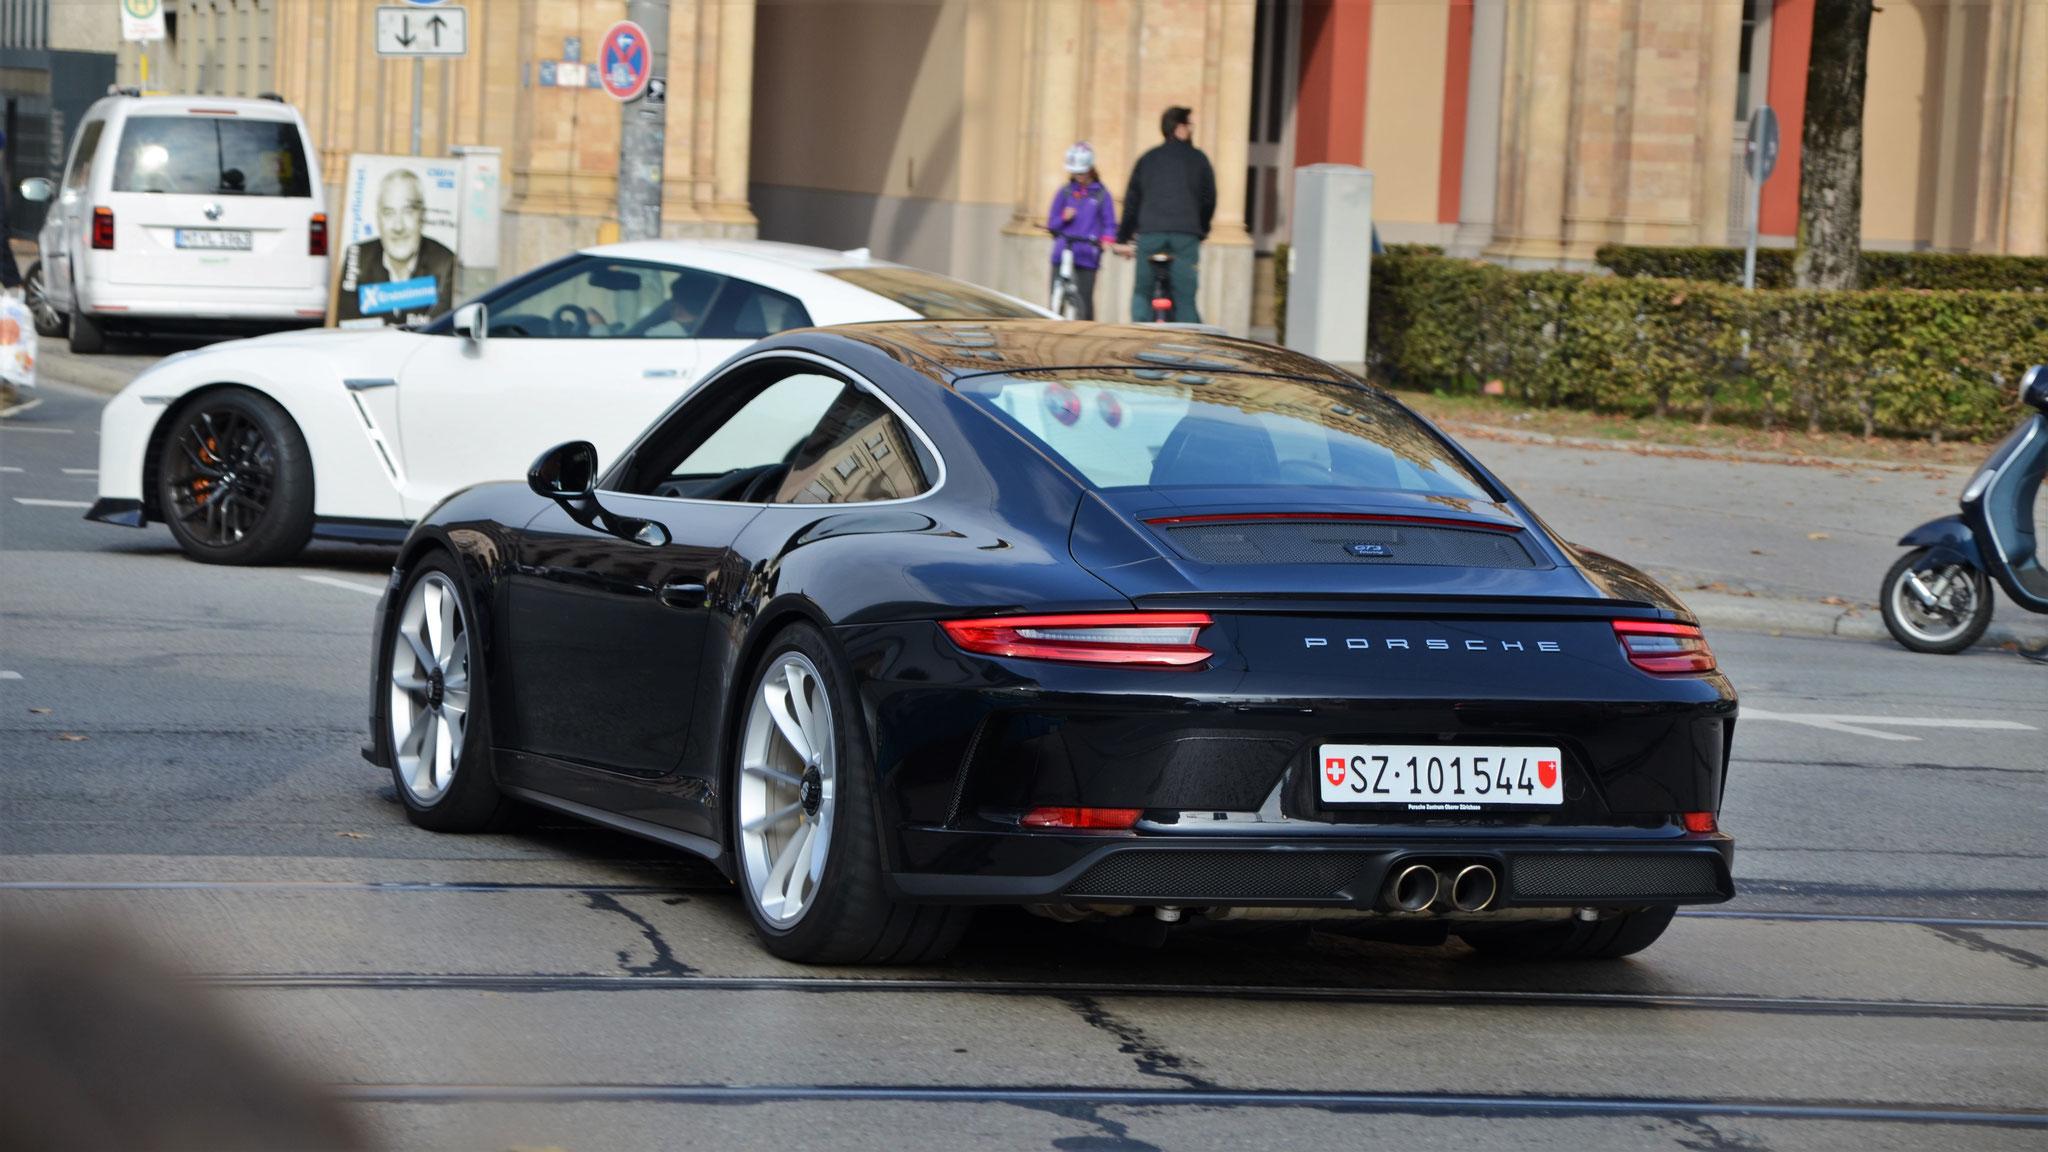 Porsche 991 GT3 Touring Package - SZ-101544 (CH)